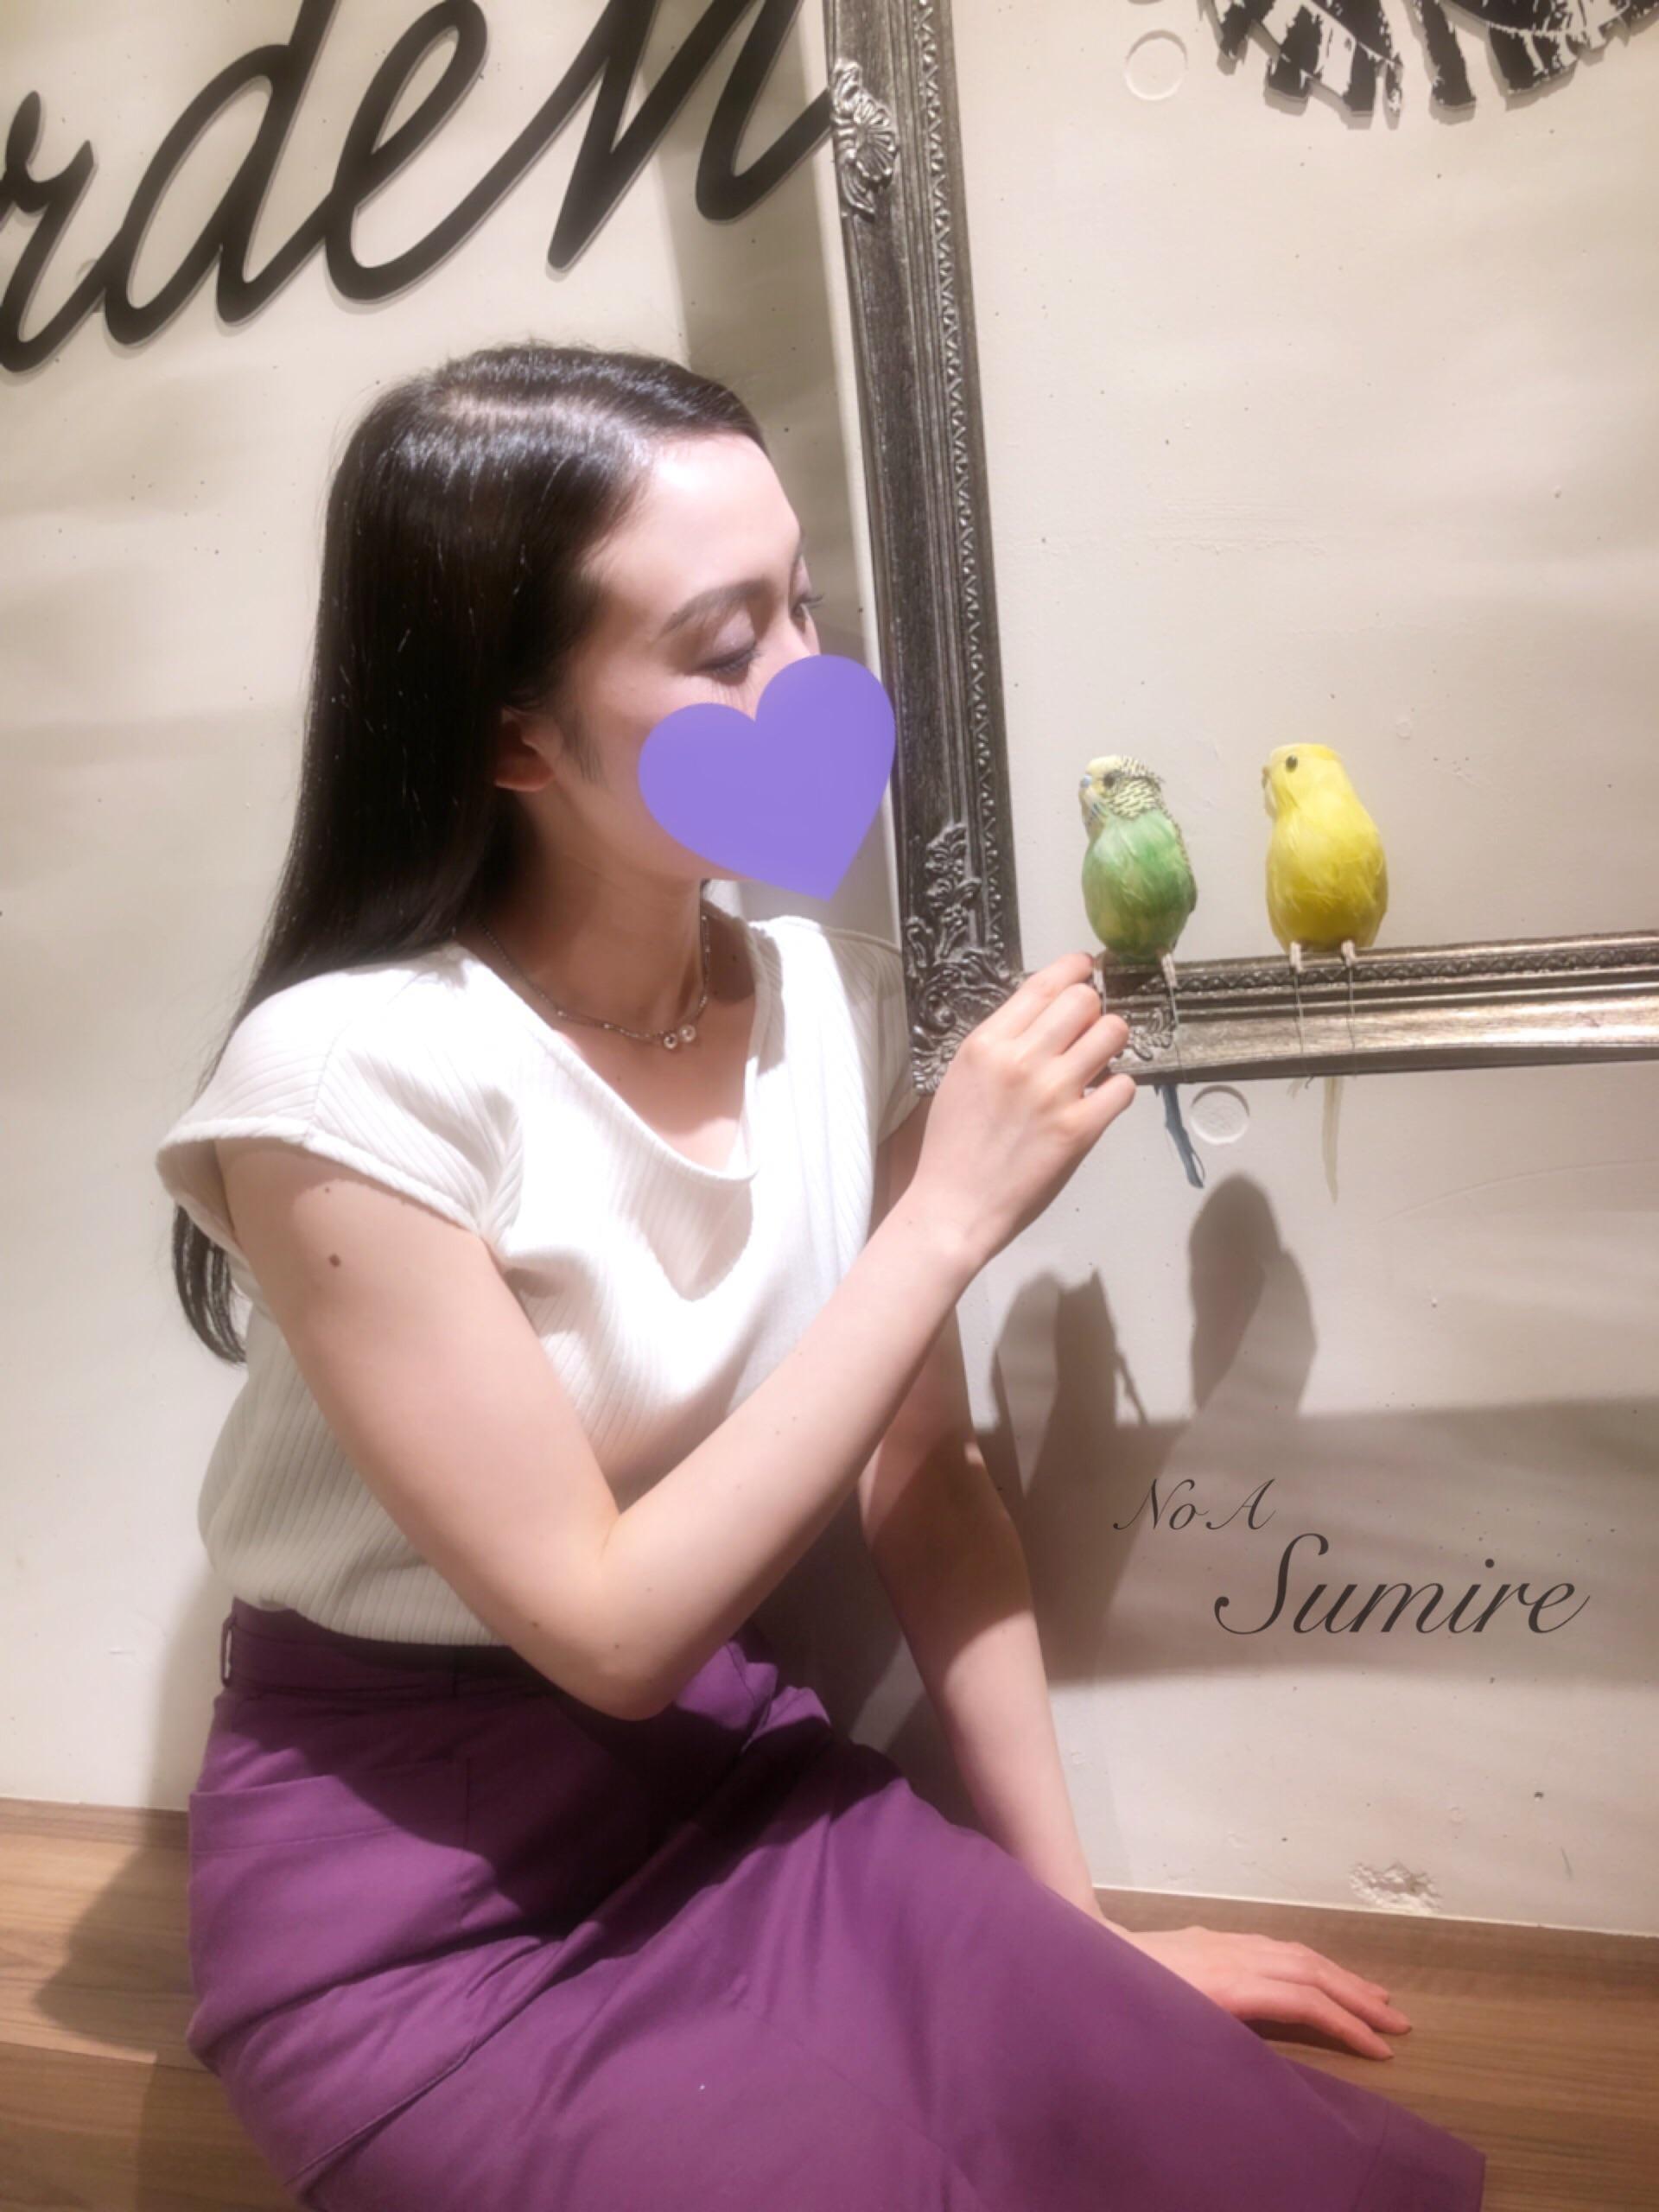 「おはようございます」06/15(金) 05:49 | 澄鈴(すみれ)の写メ・風俗動画